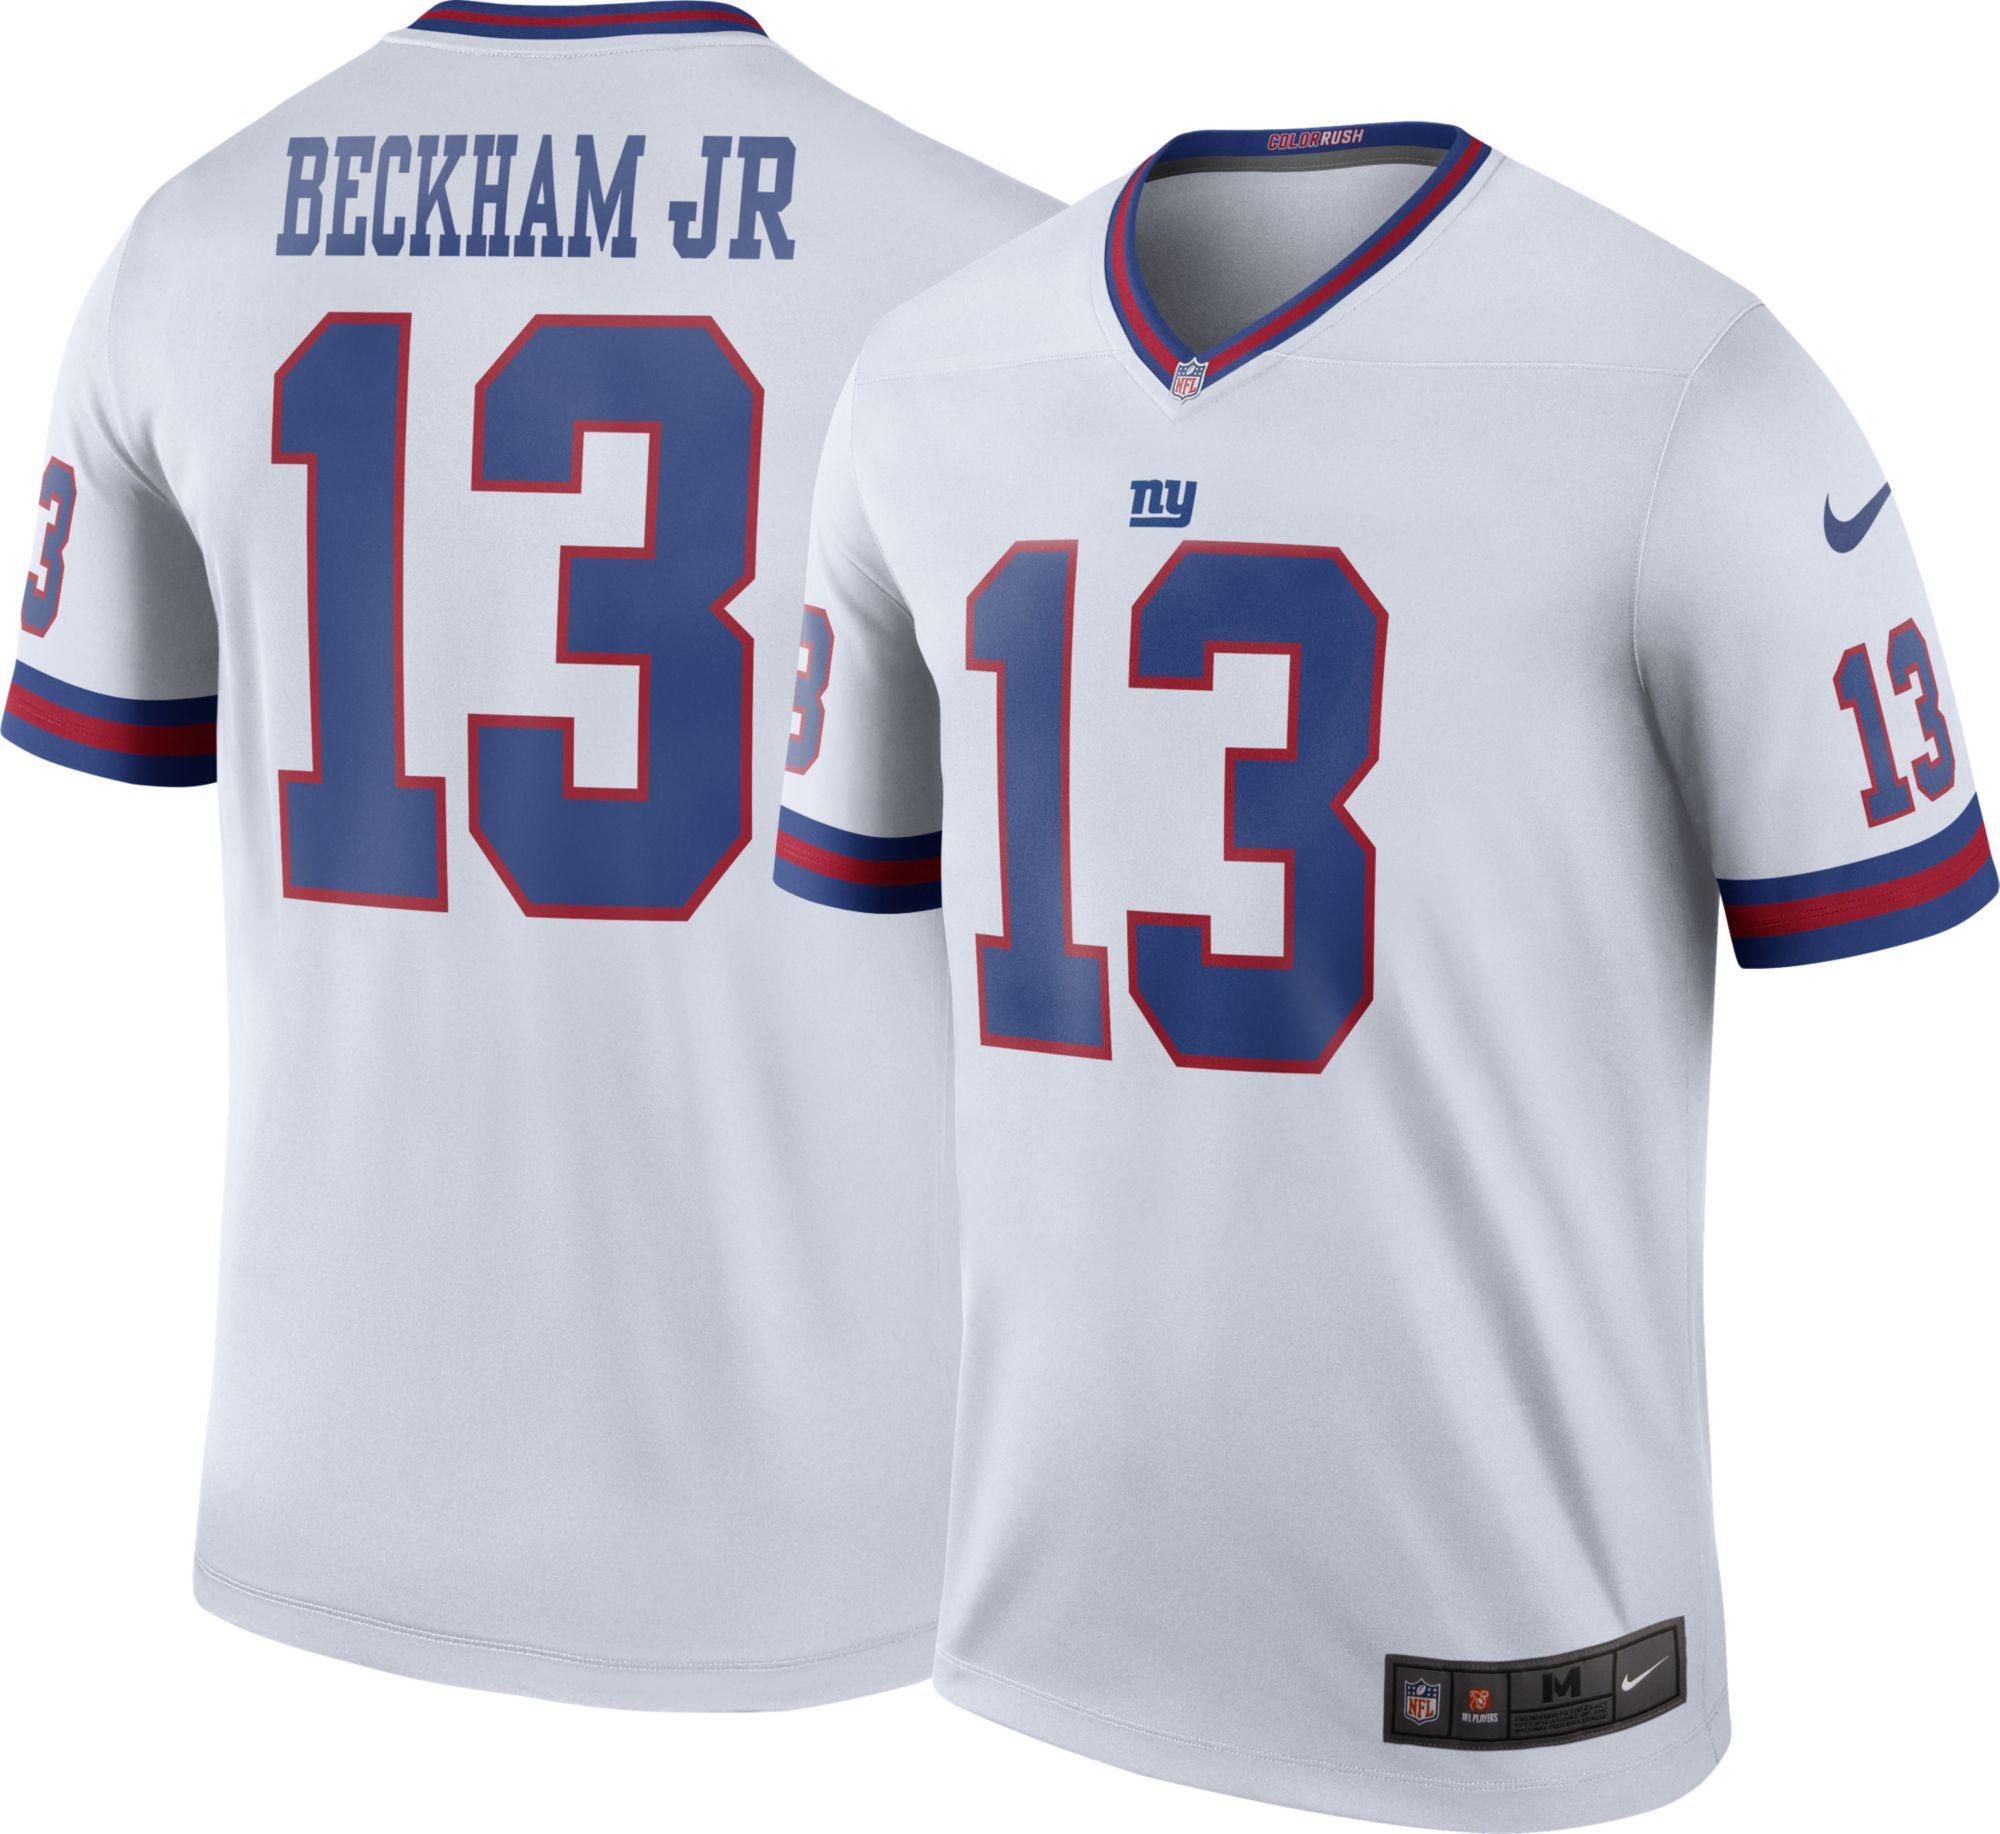 more photos 63a4f b441c 2014 new nfl jerseys new york giants 13 odell beckham jr red ...